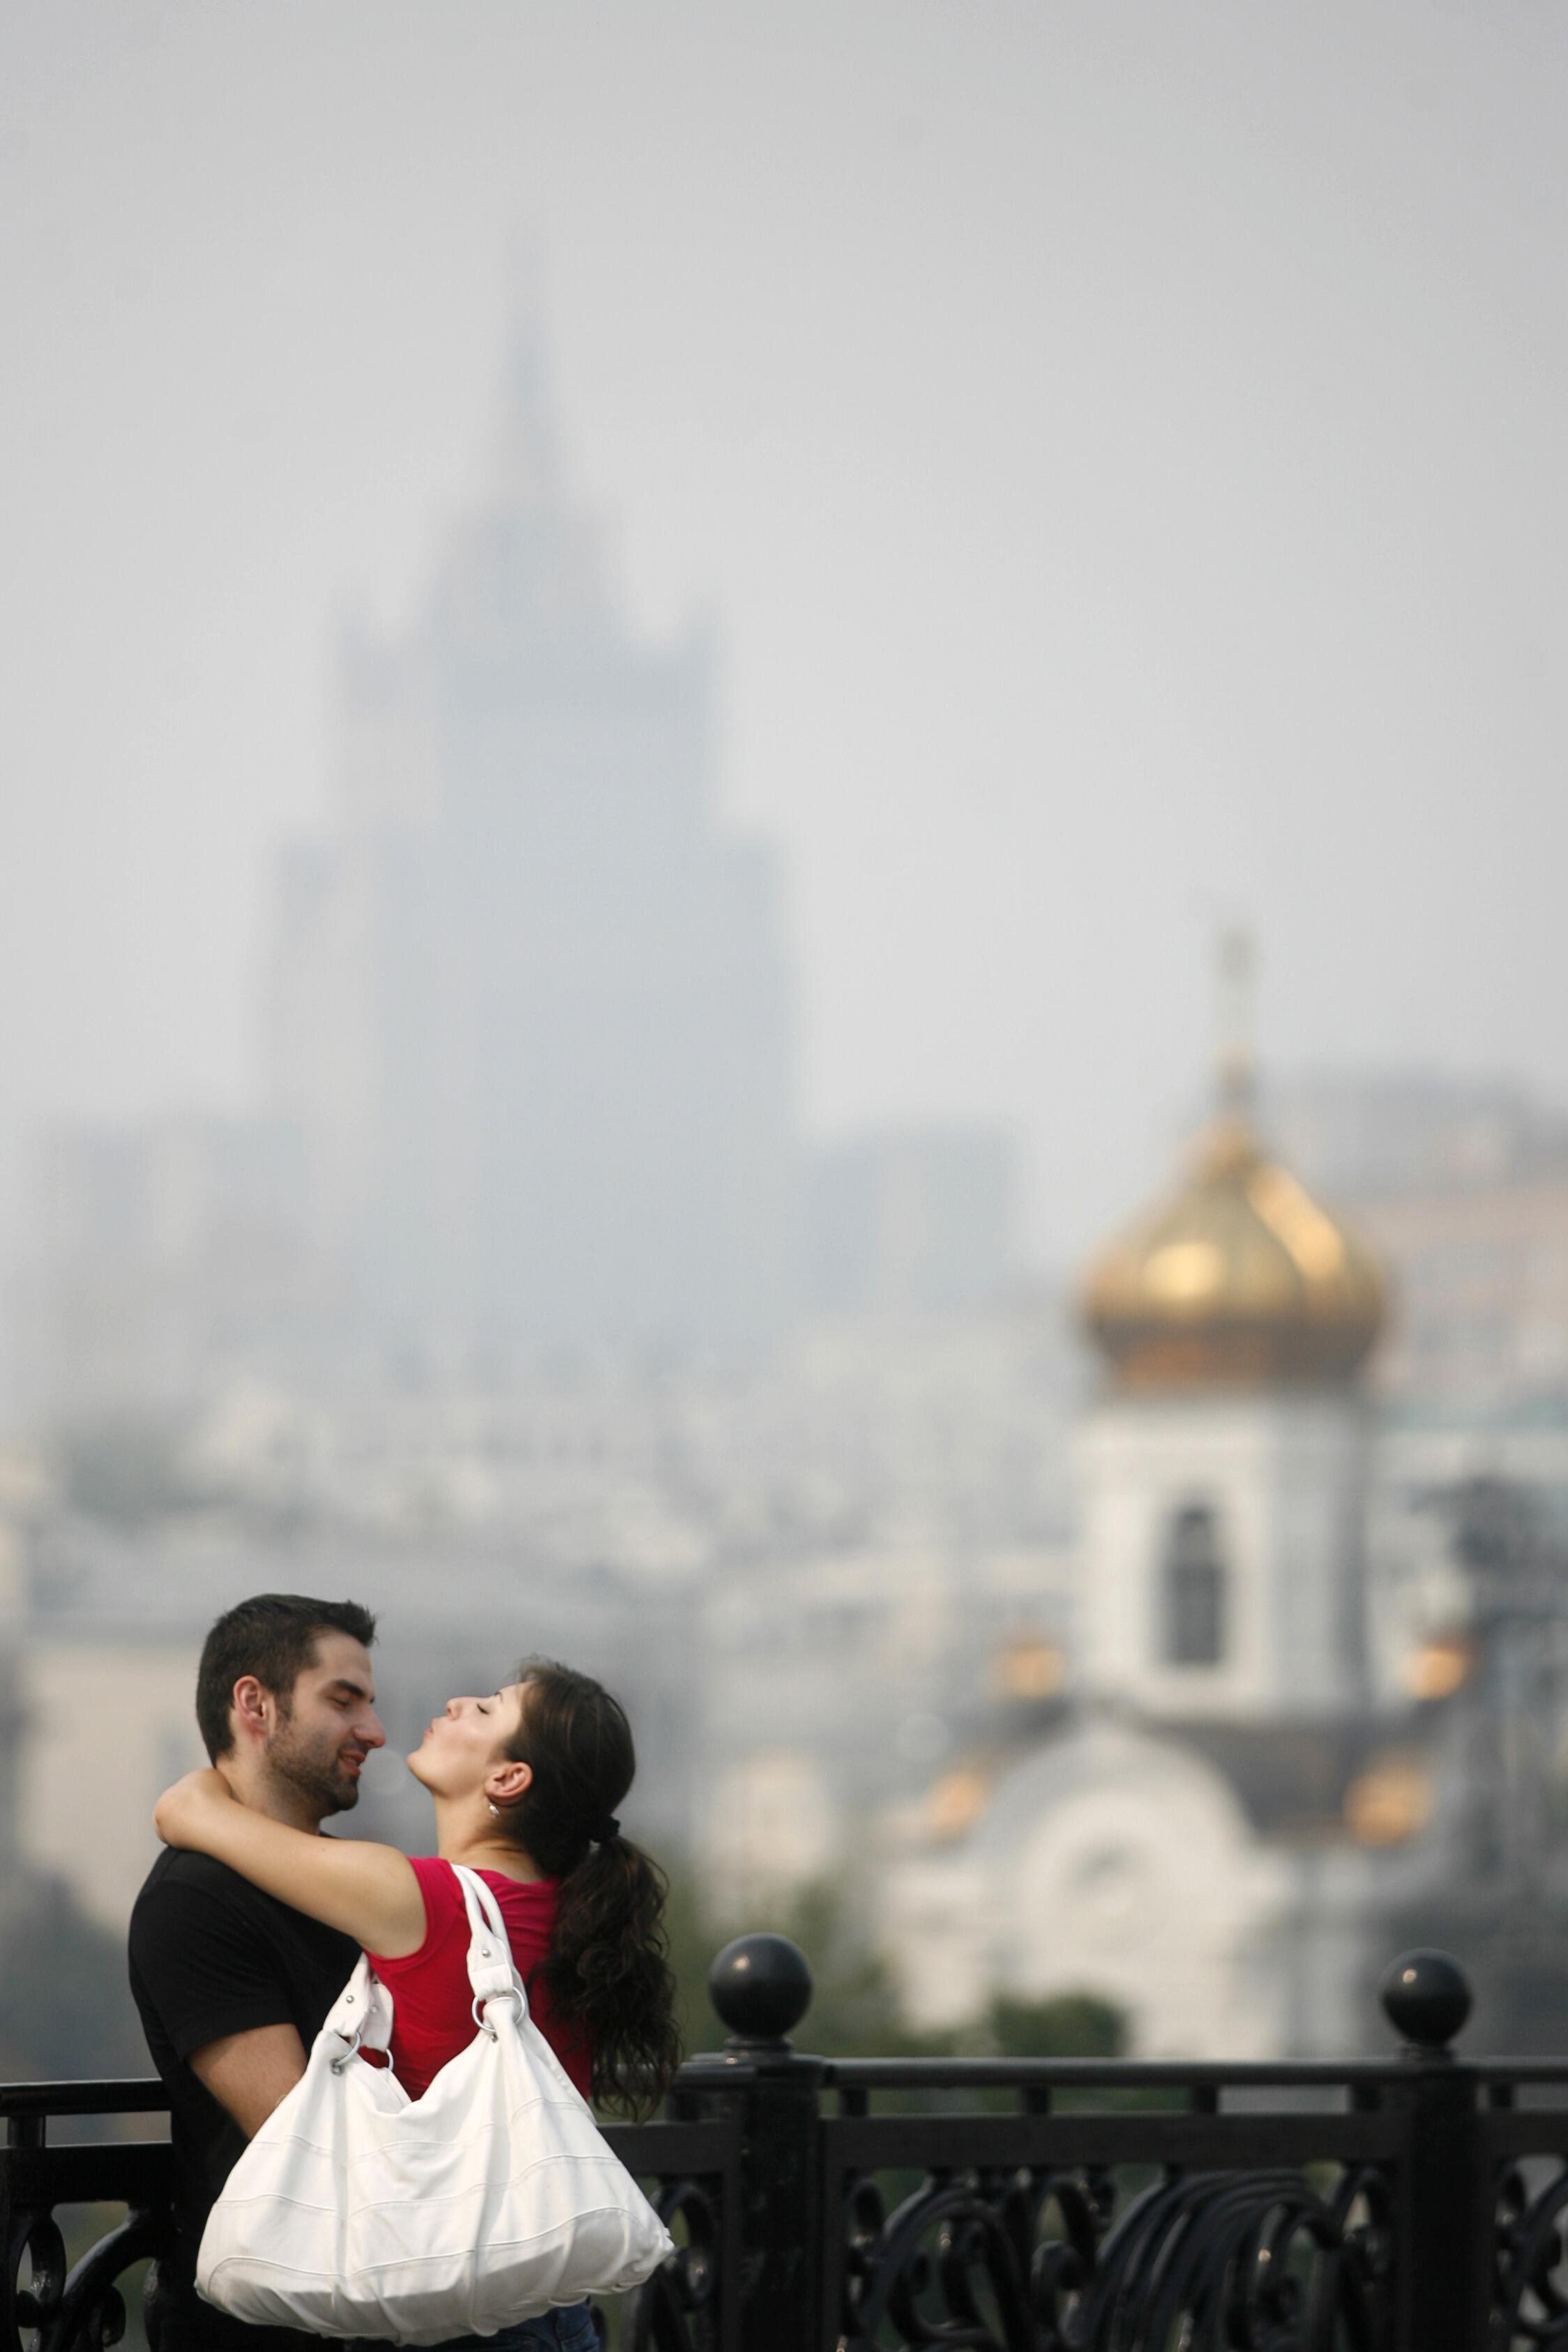 Москва 15 августа 2010